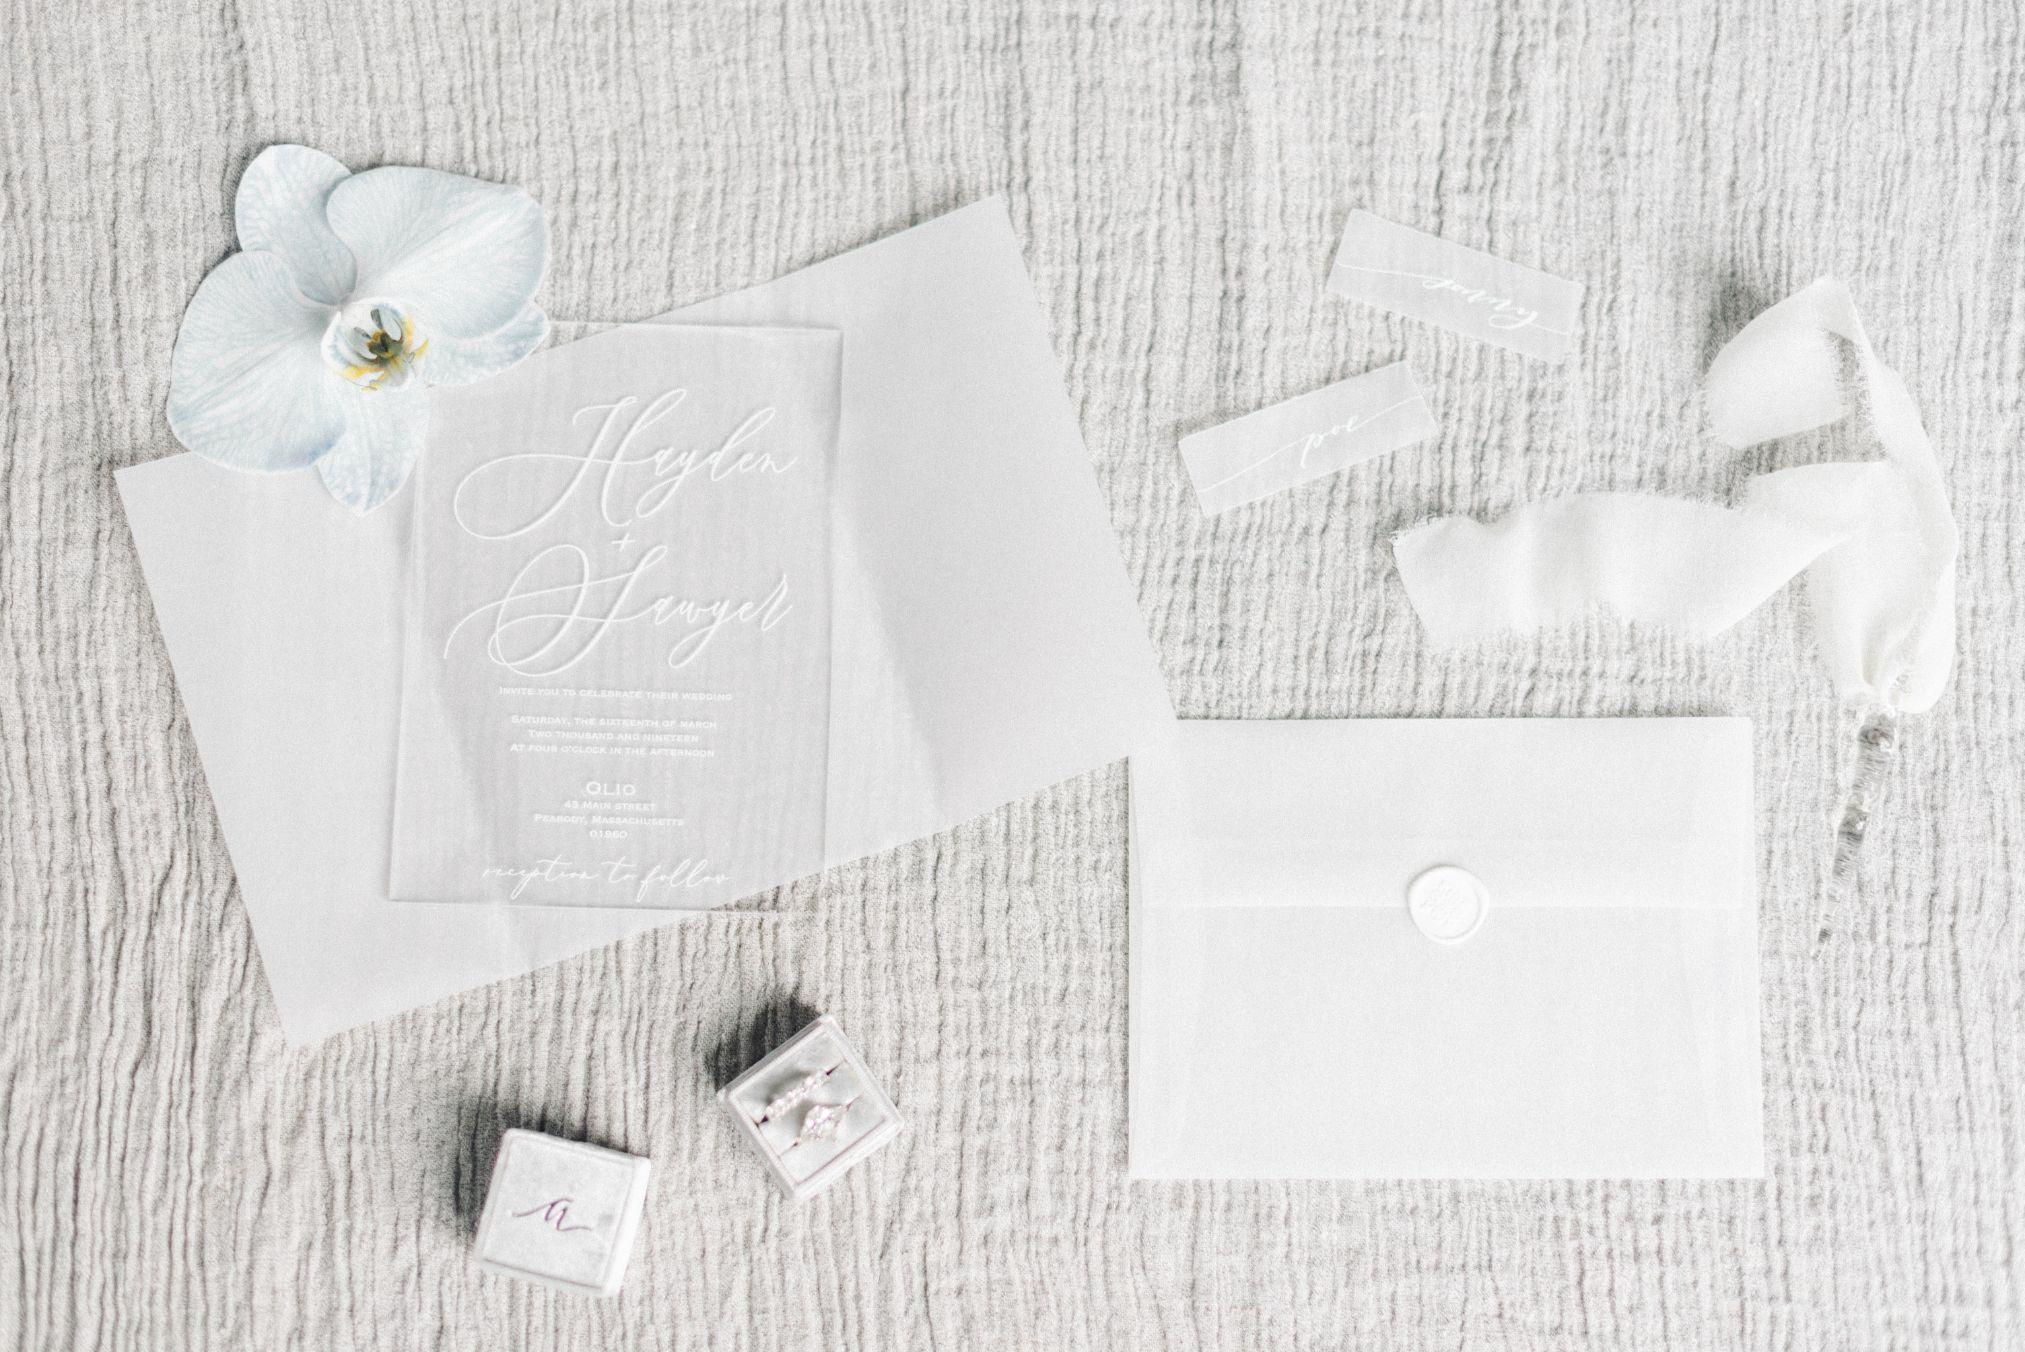 olio-peabody-boston-lesbian-wedding-style-daylynn-designs62.jpg